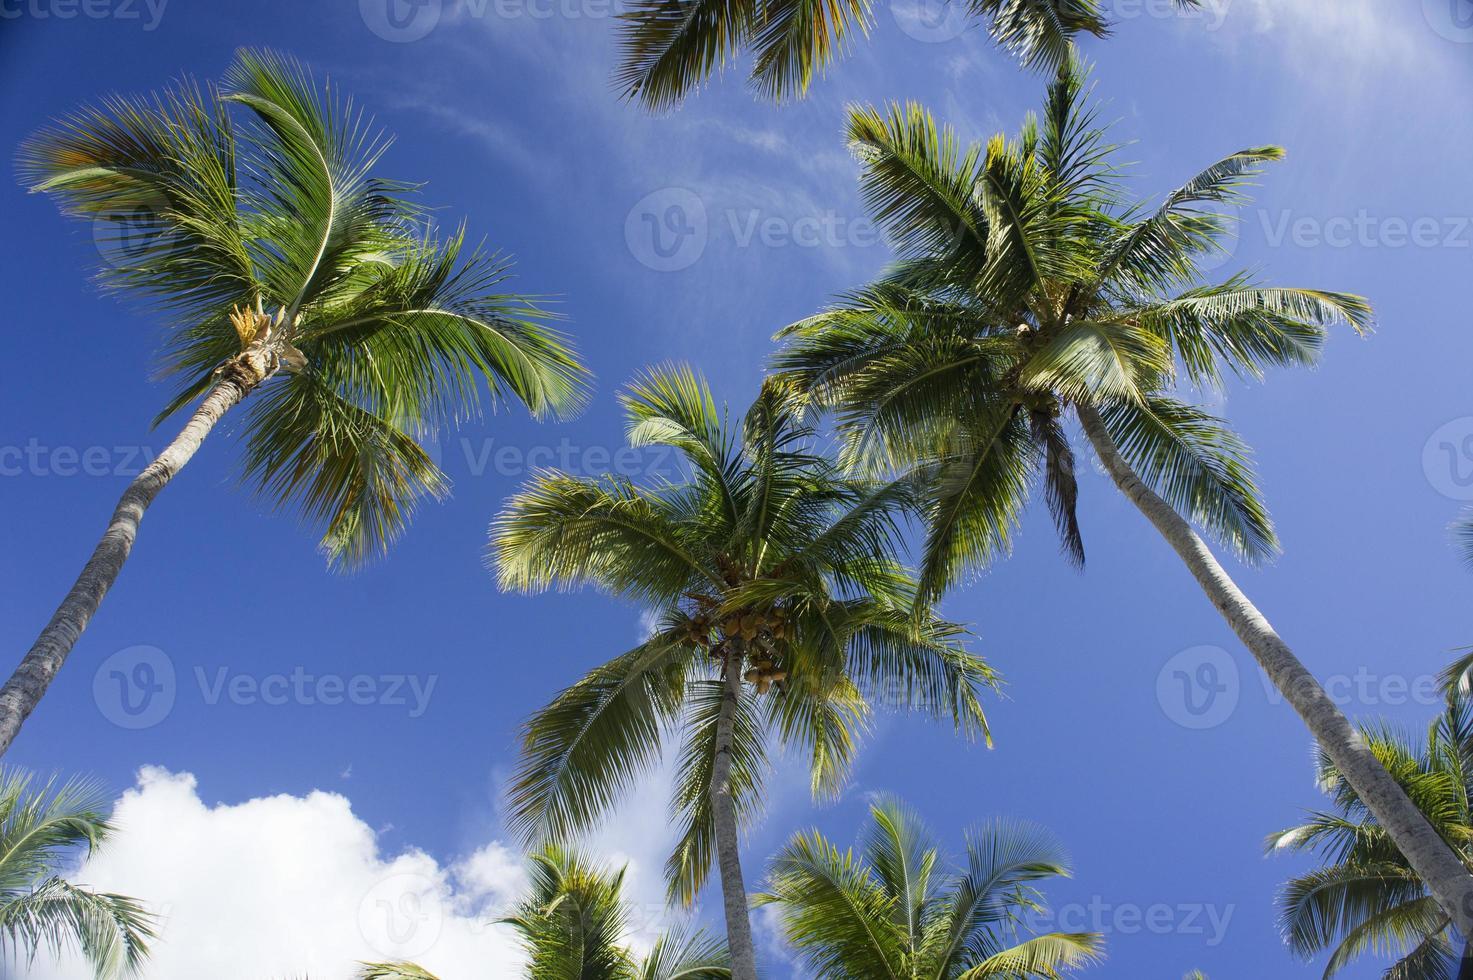 palmeras foto